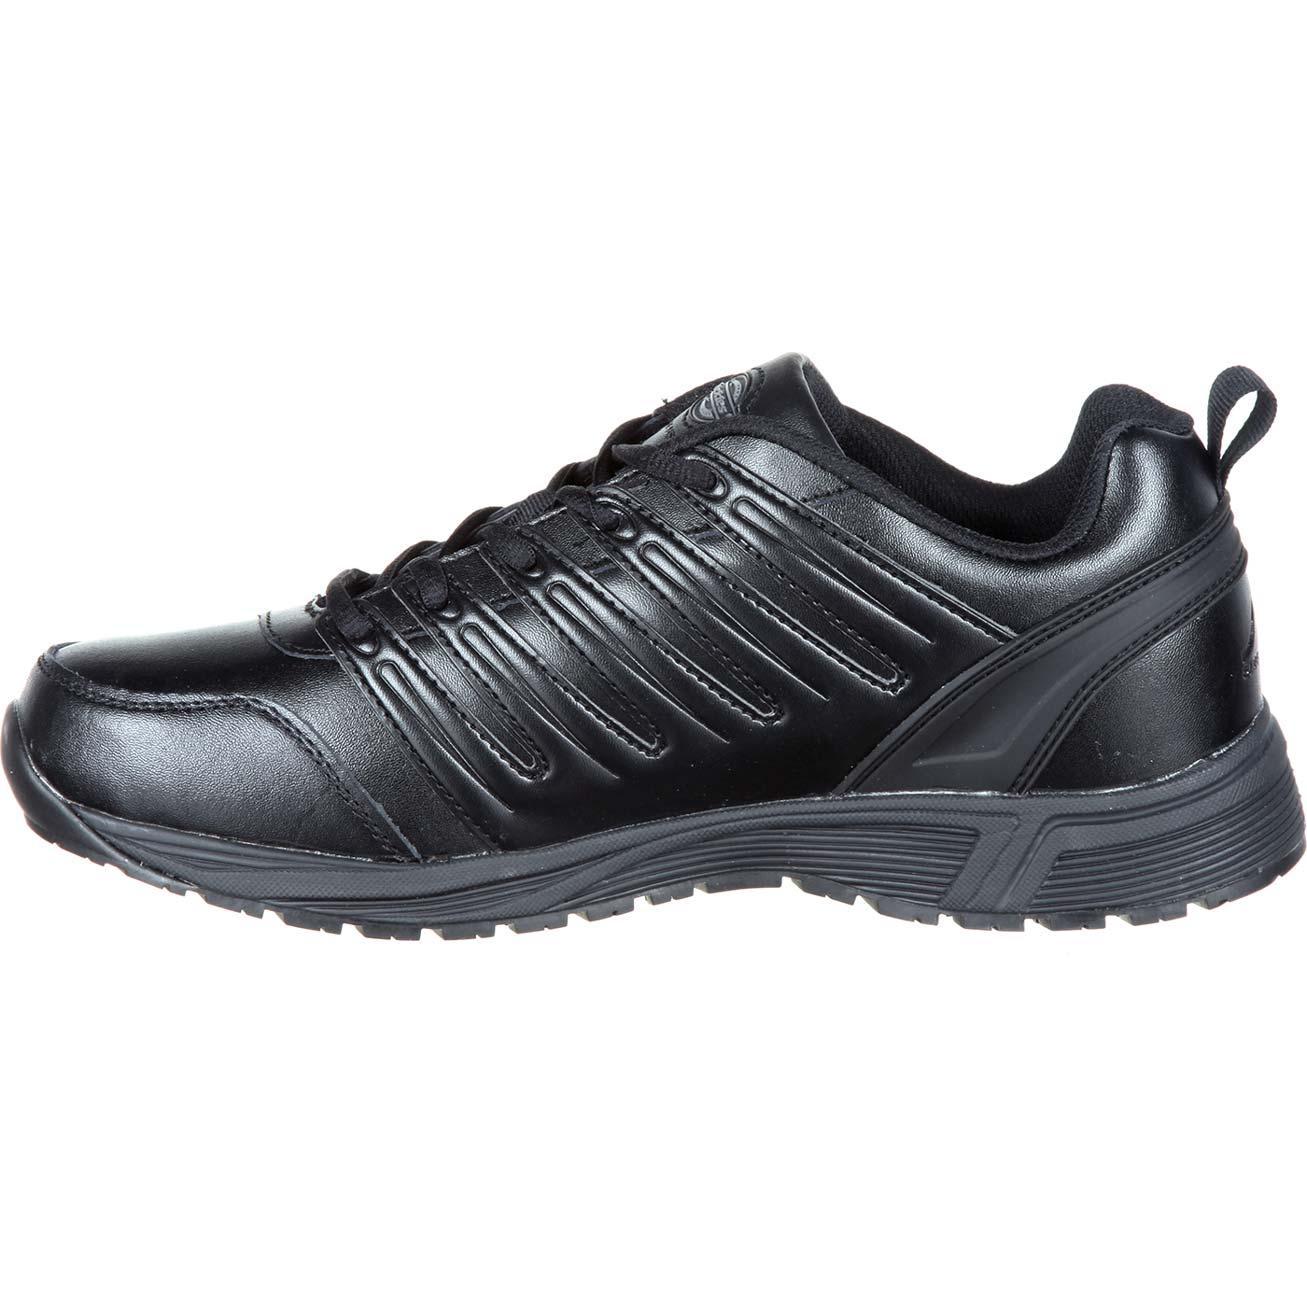 9472372b44a294 Dickies Apex Slip-Resistant Work ShoeDickies Apex Slip-Resistant Work Shoe